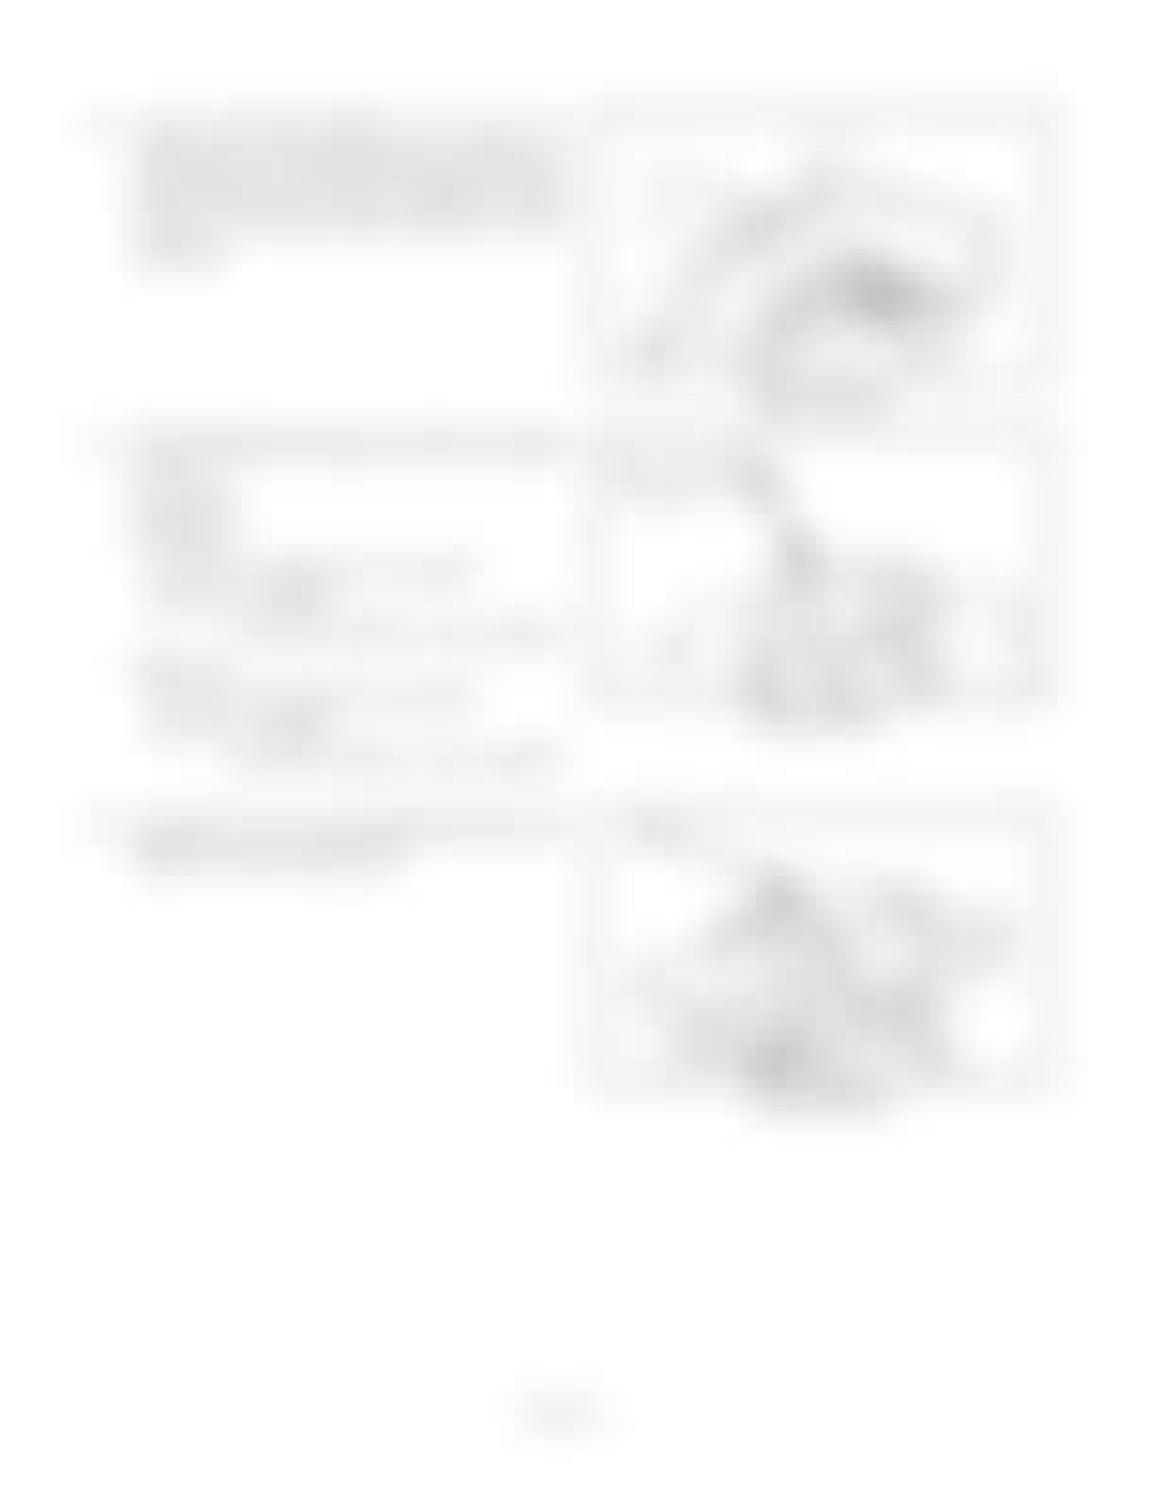 Hitachi LX110-7 LX130-7 LX160-7 LX190-7 LX230-7 Wheel Loader Workshop Manual - PDF DOWNLOAD page 250